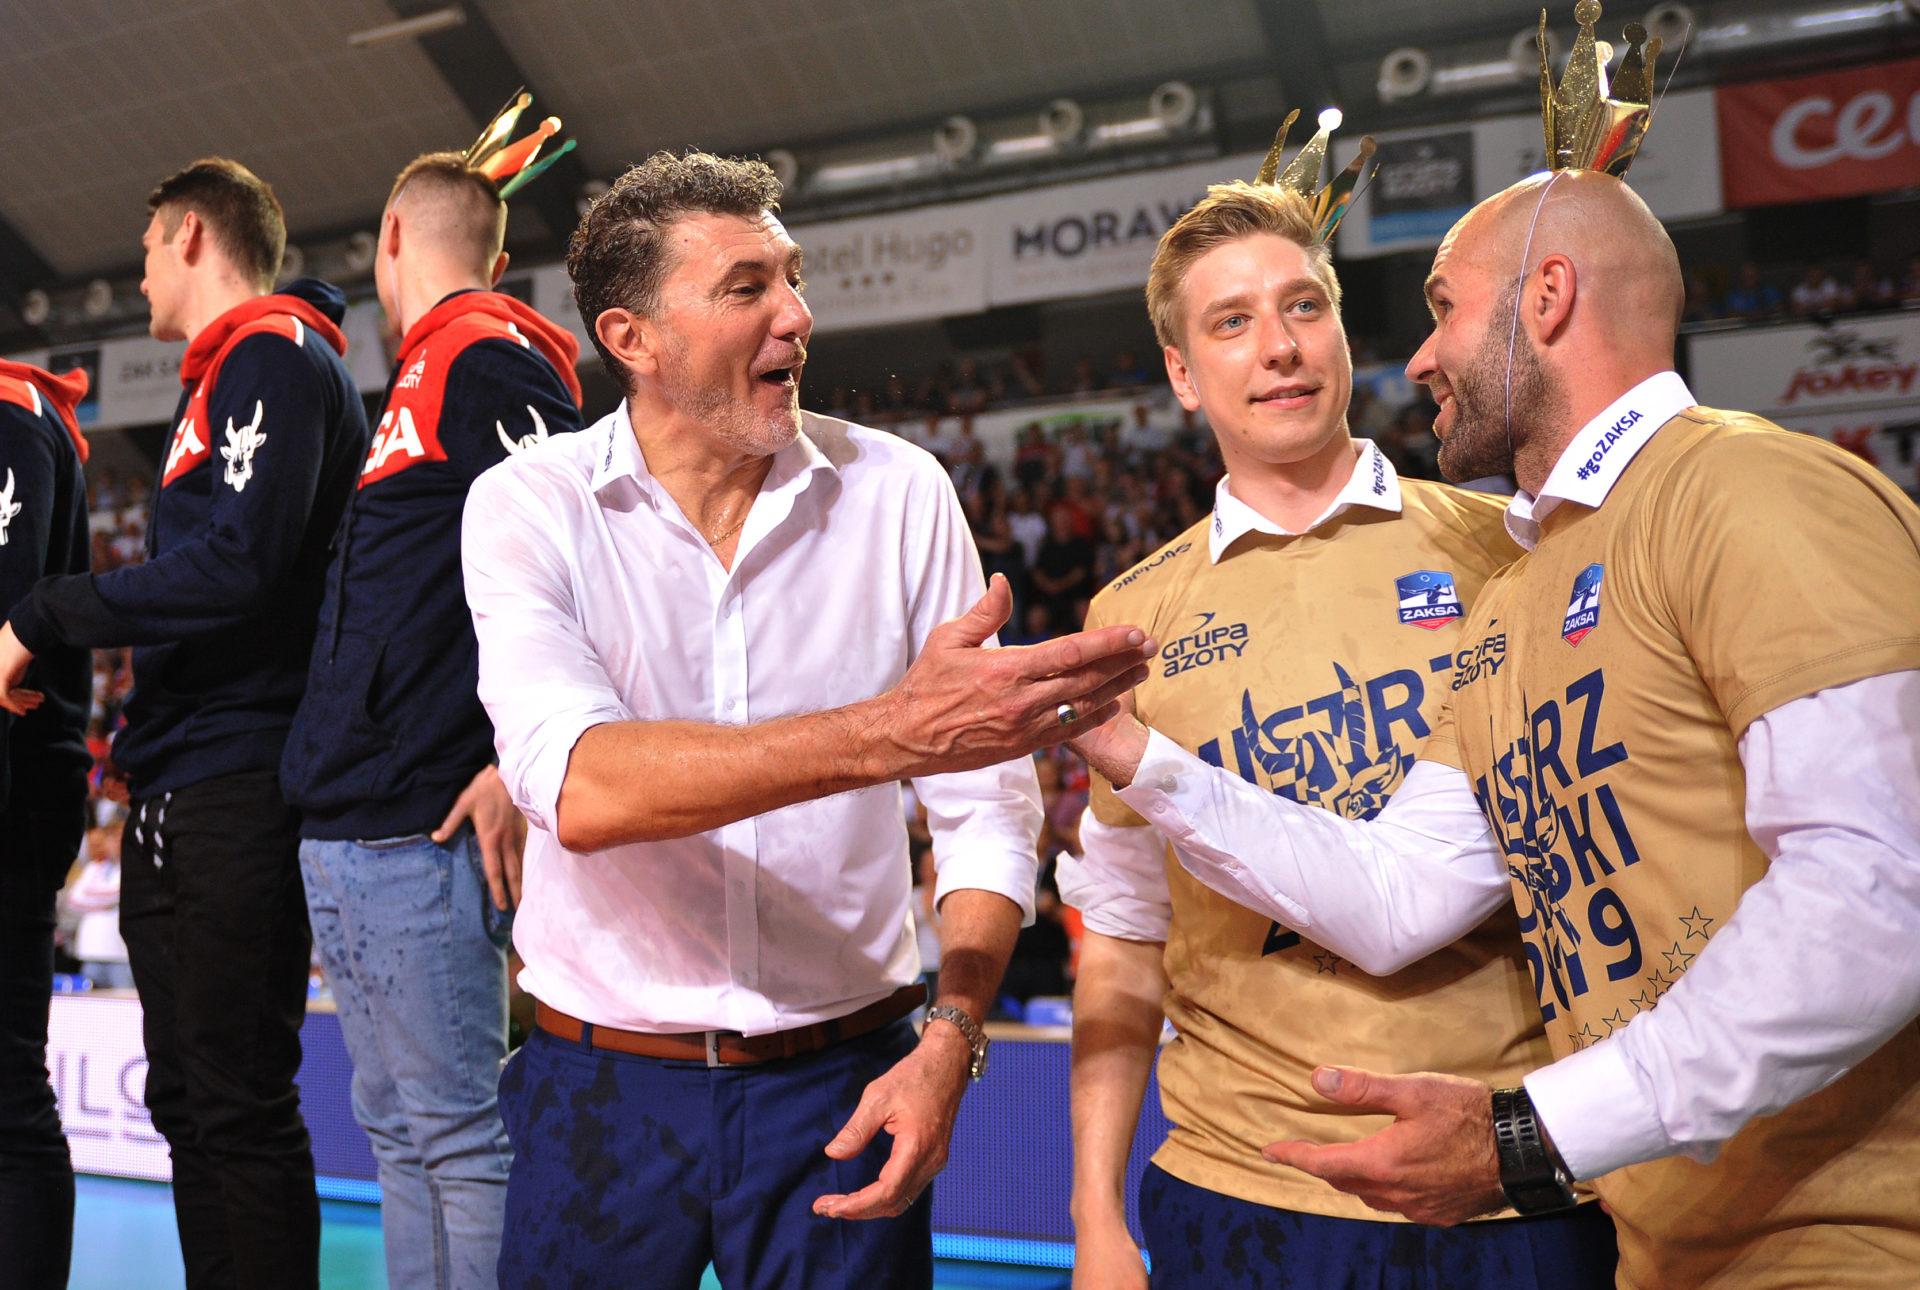 Andrea Gardini: Jestem dumny z chłopaków